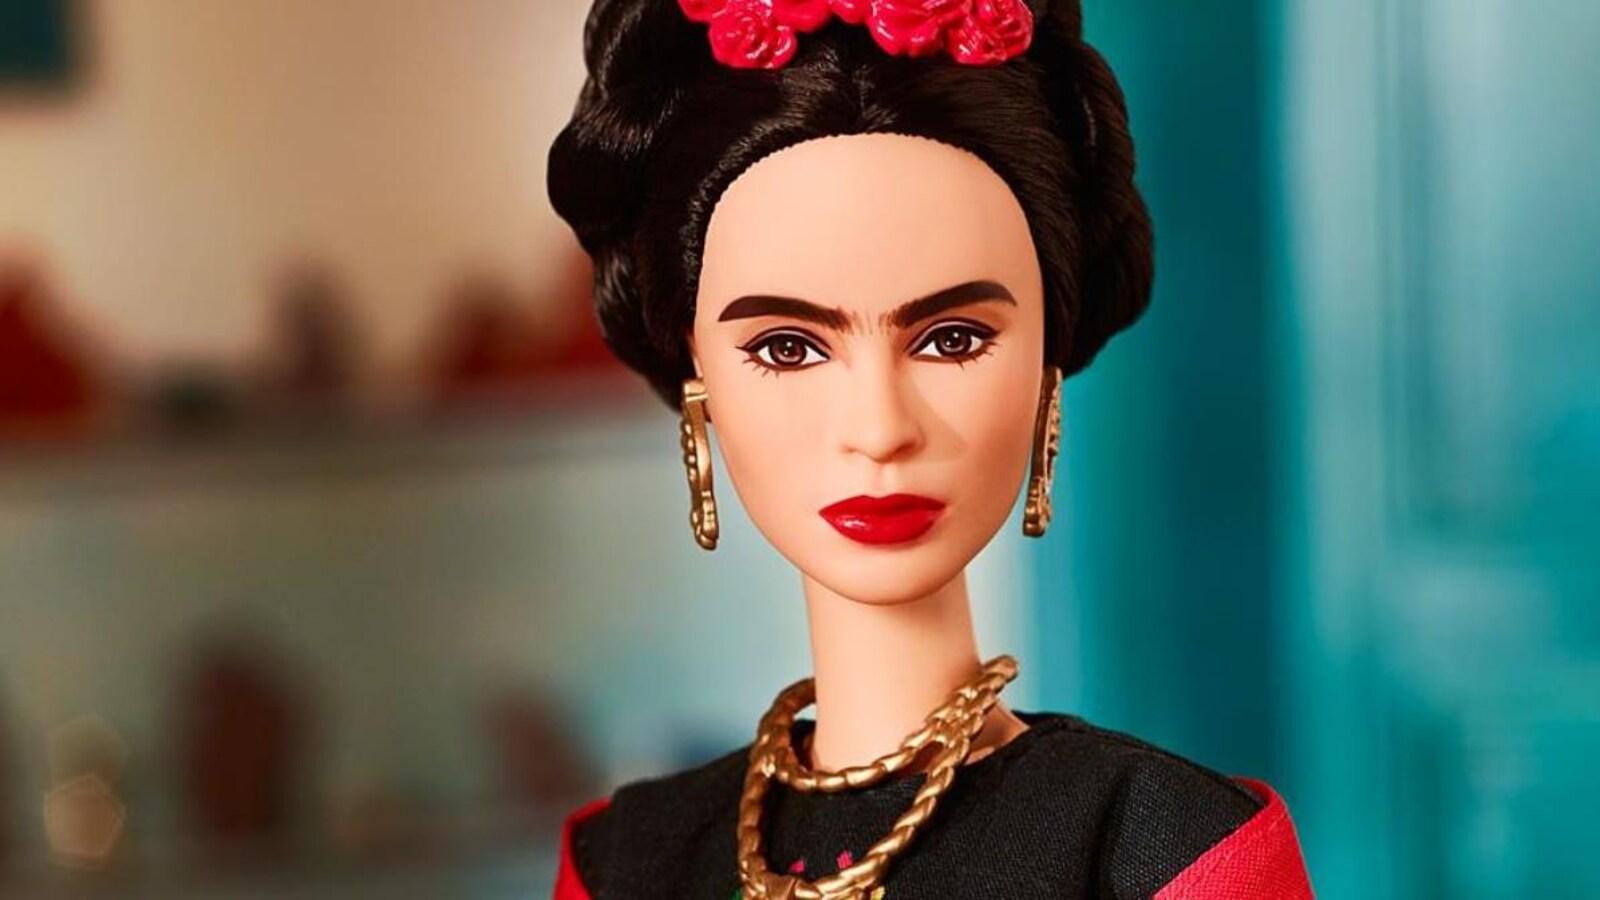 Poupée à l'effigie de Frida Kahlo.